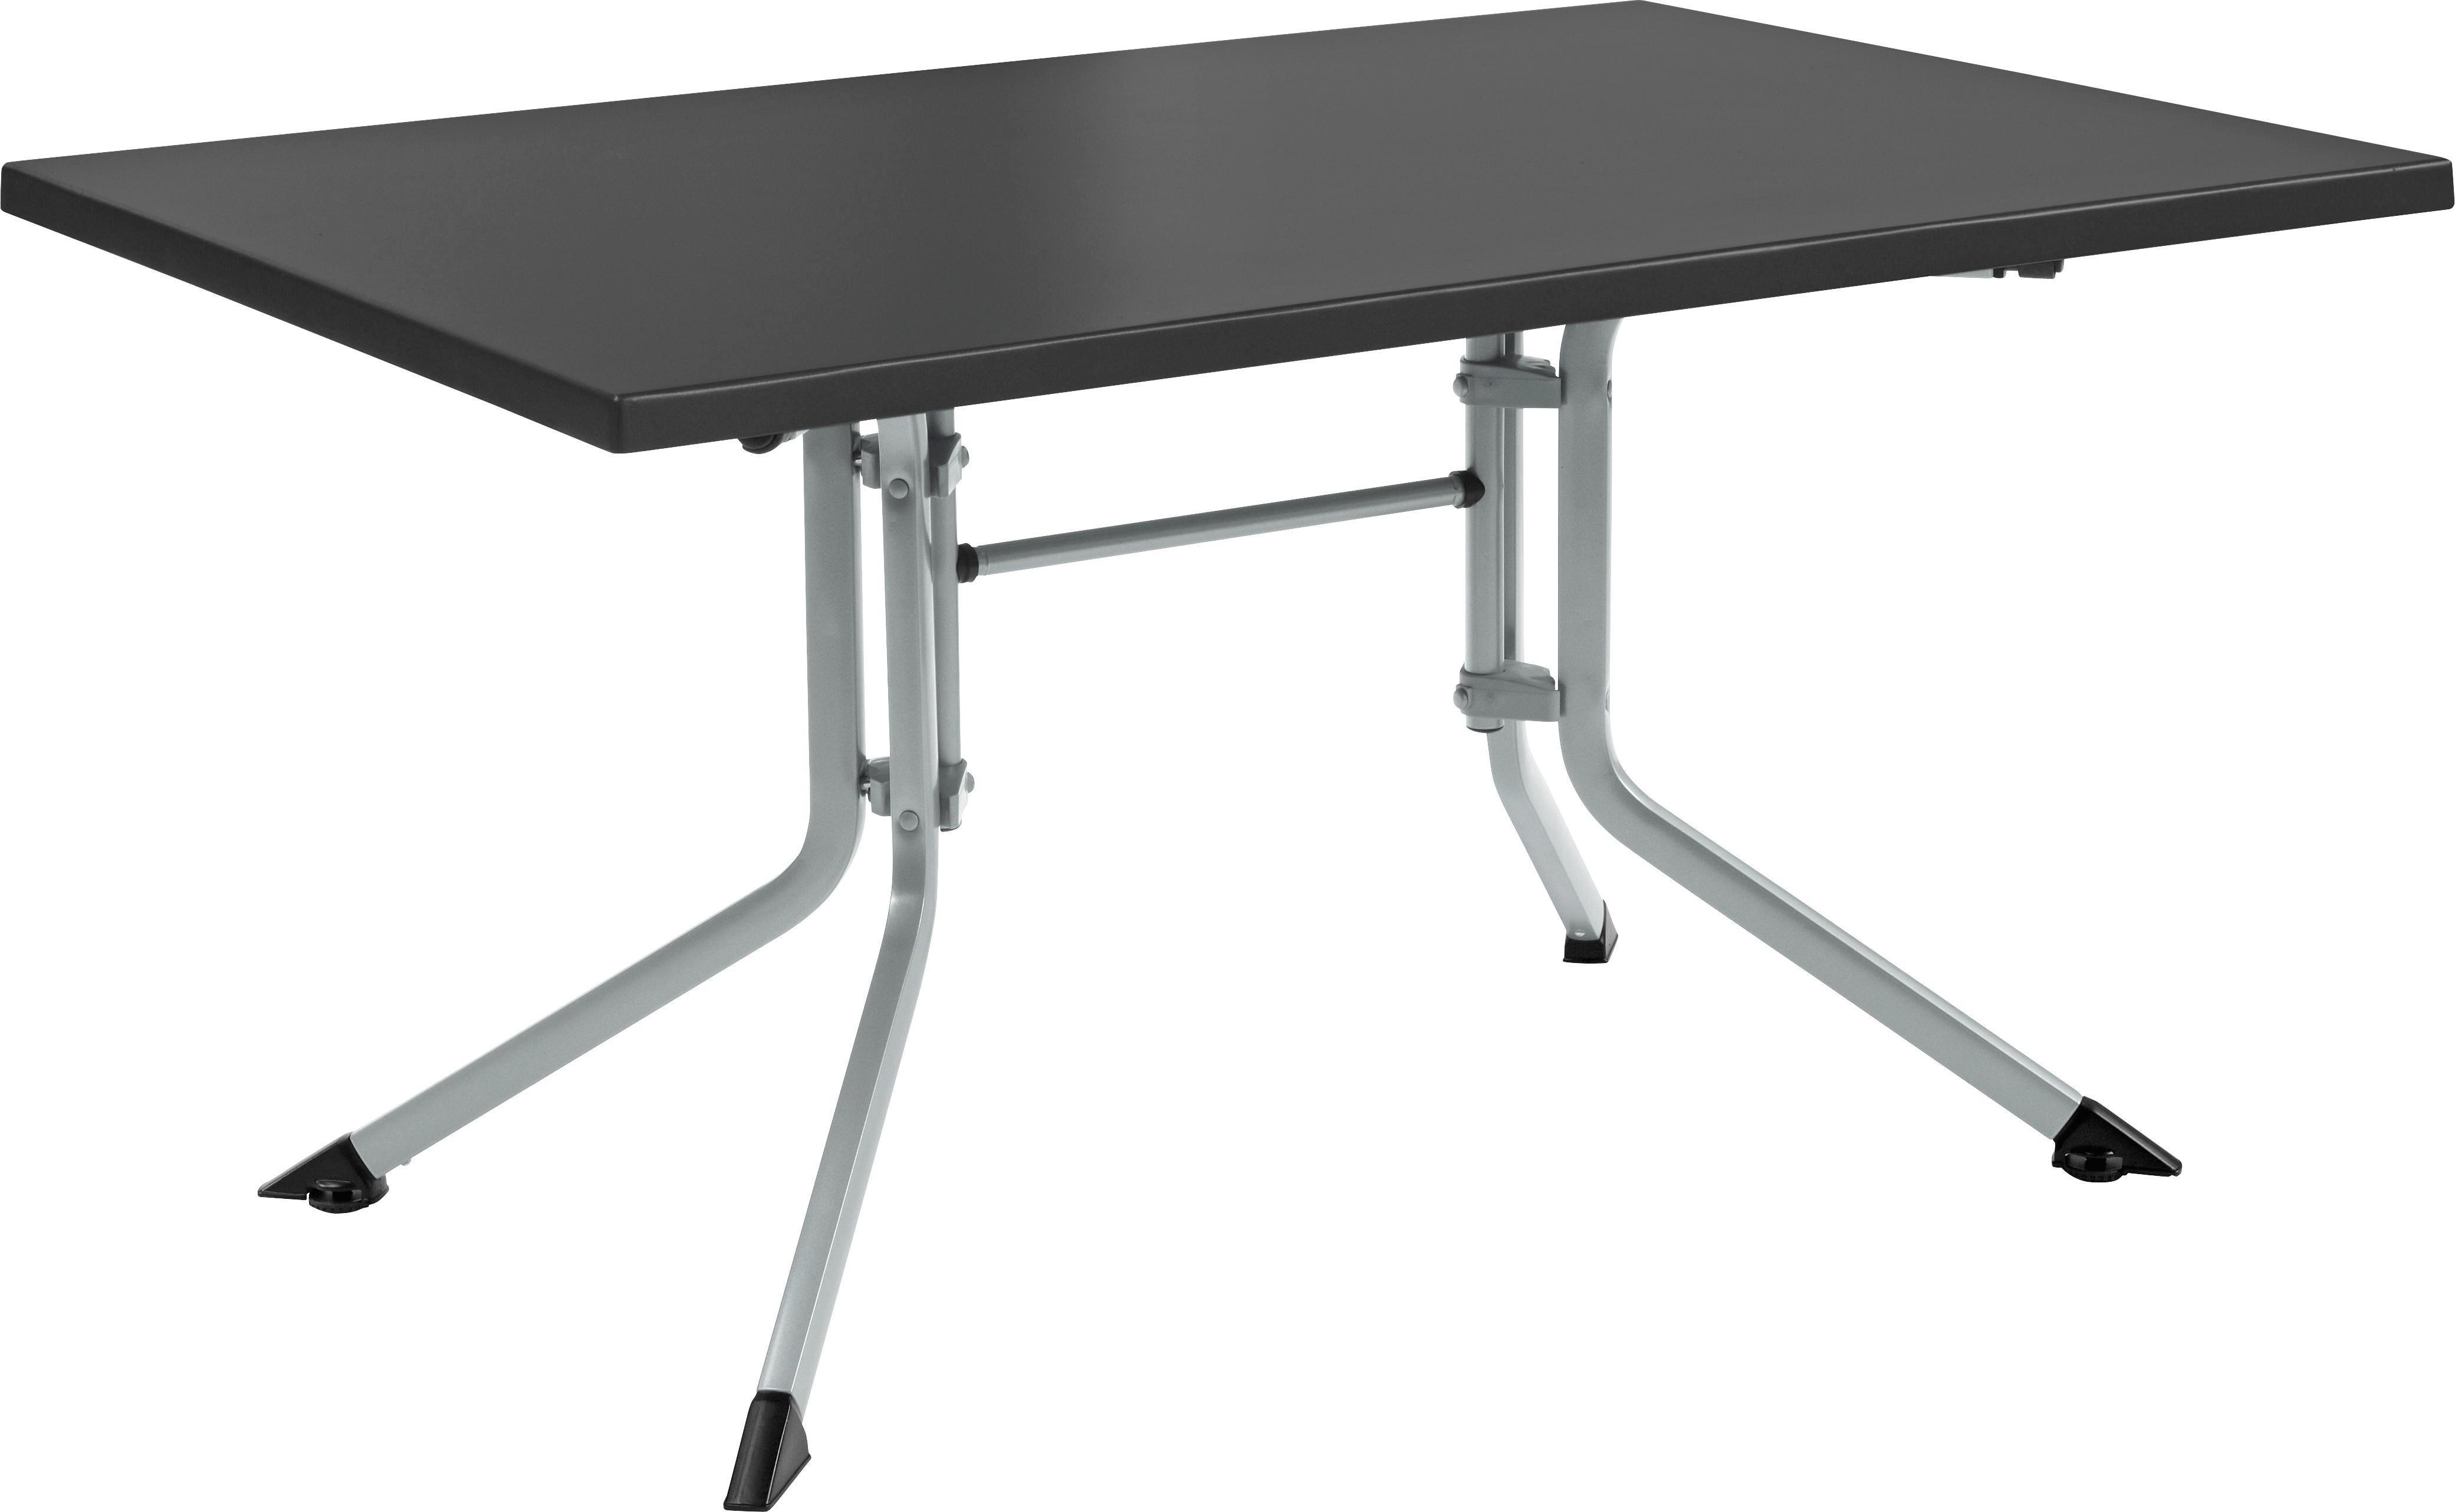 Gartentisch 70x70 Metall Gartentisch 70x70 Metall Simple Tisch